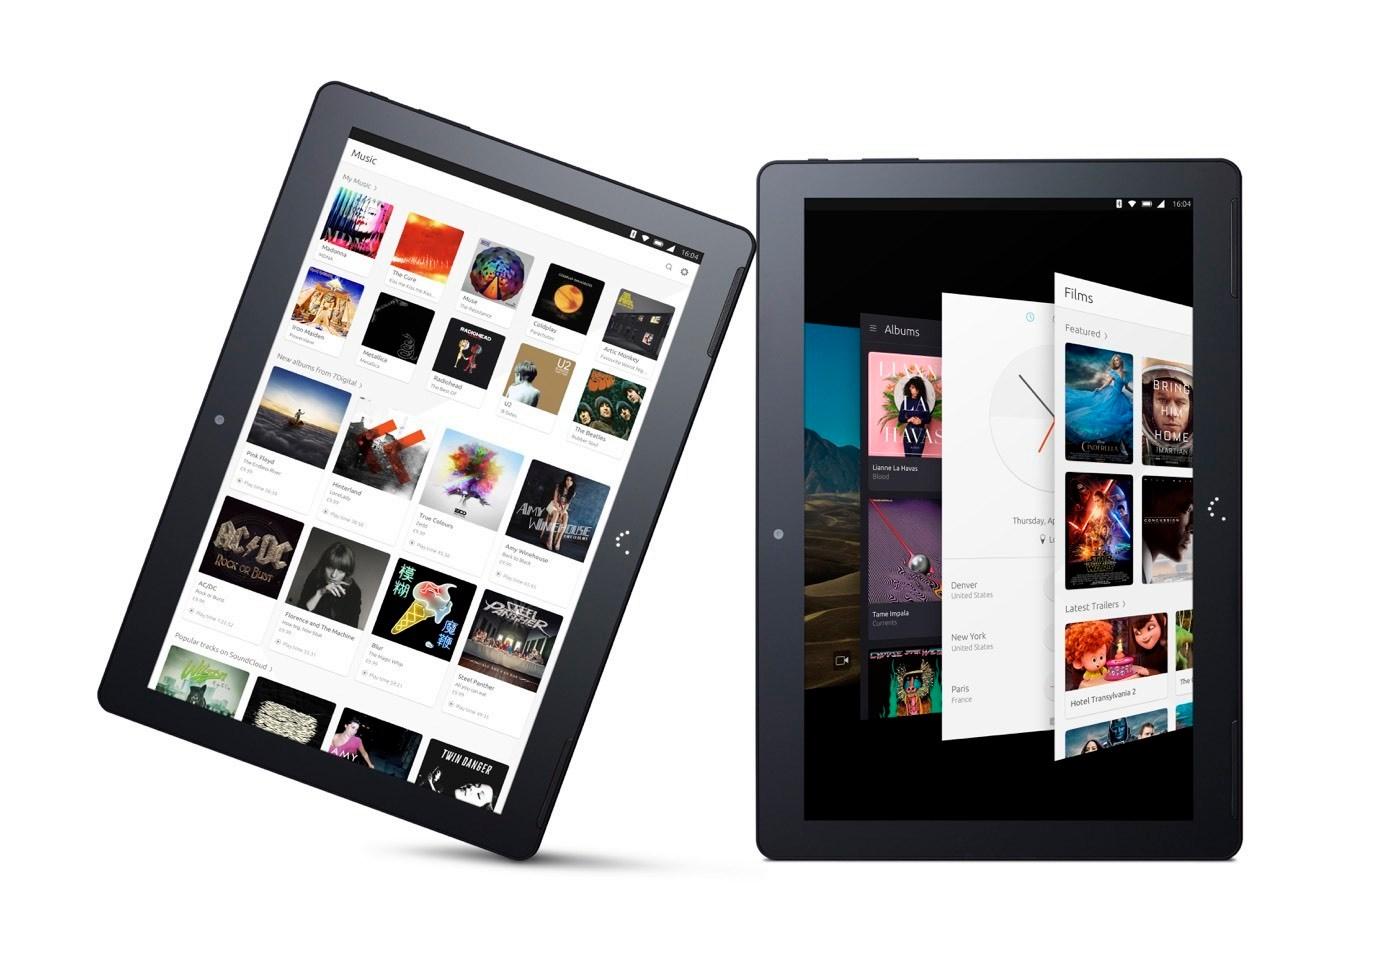 tablet ubuntu bq